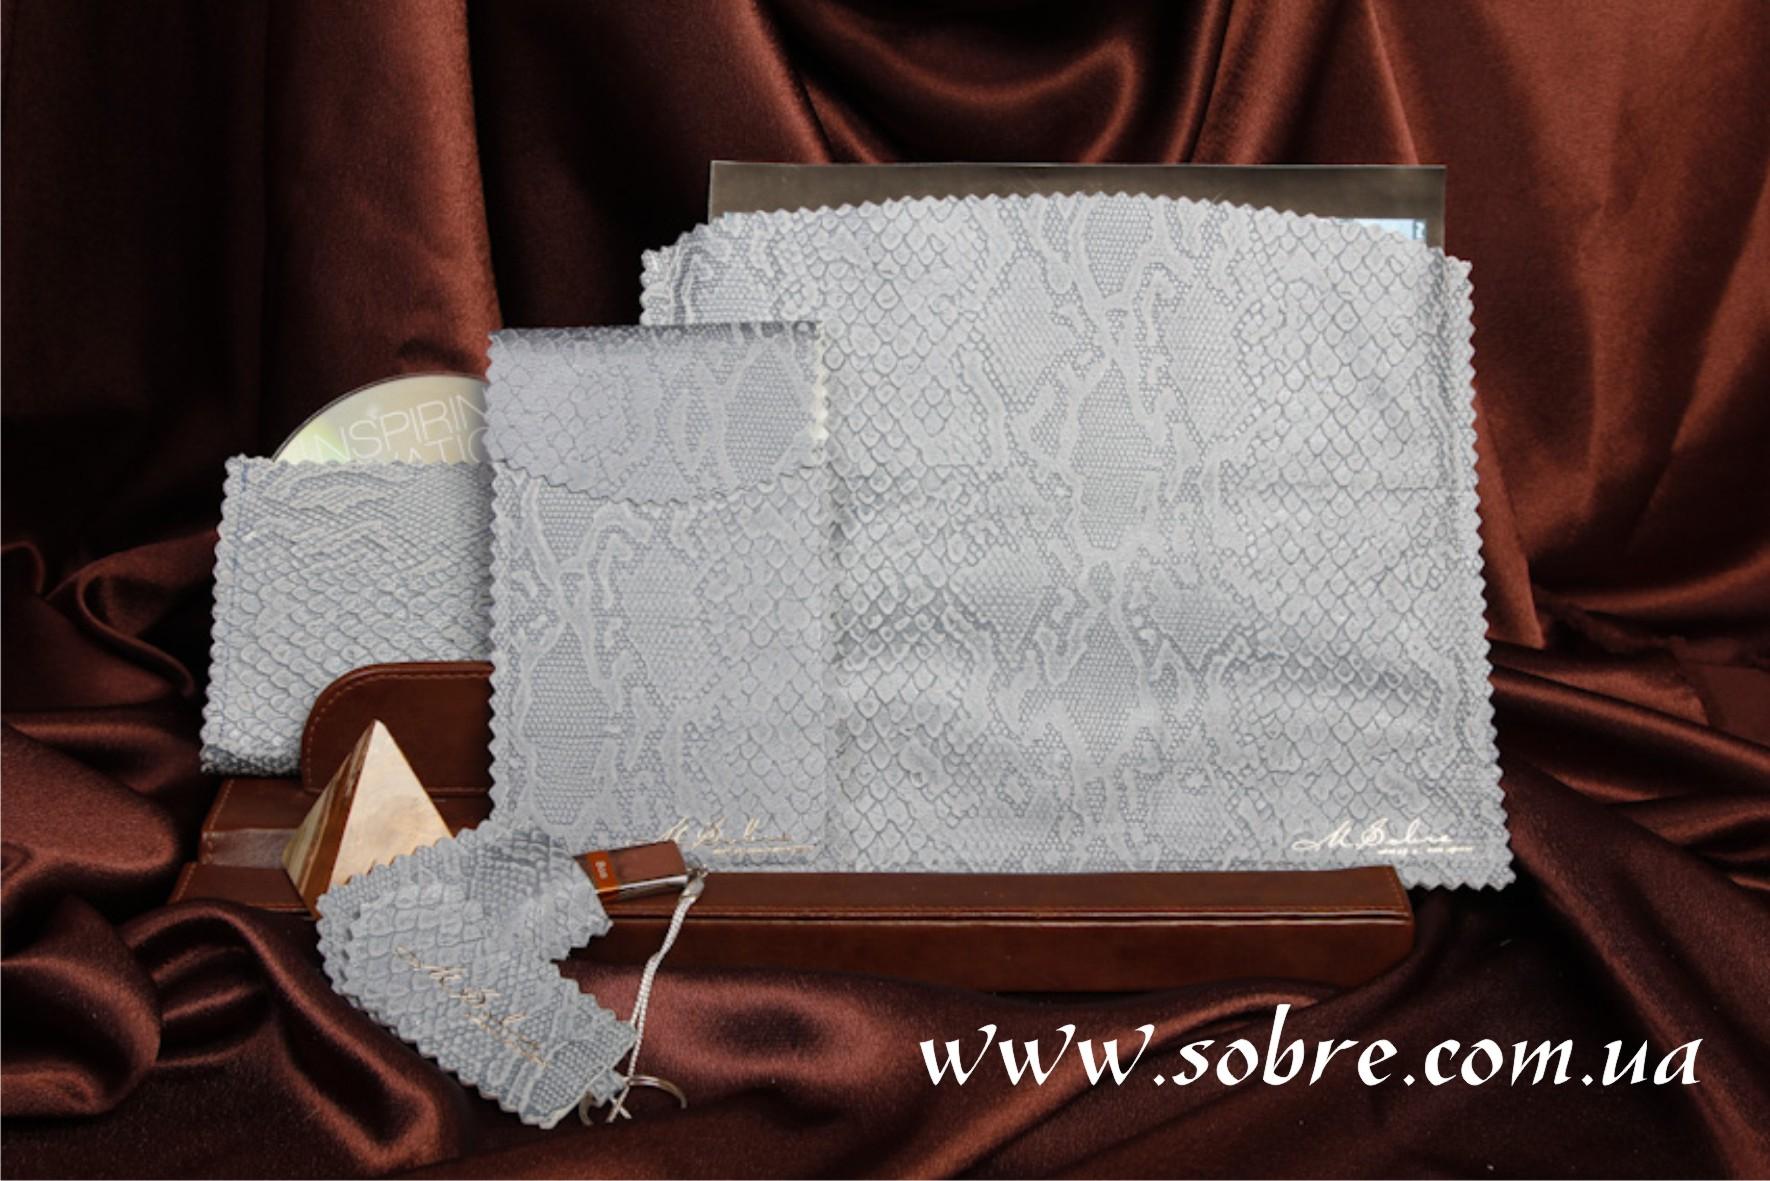 М.Собре-дизайнерские,деловые,подарочные конверты и красивые кожаные изделия